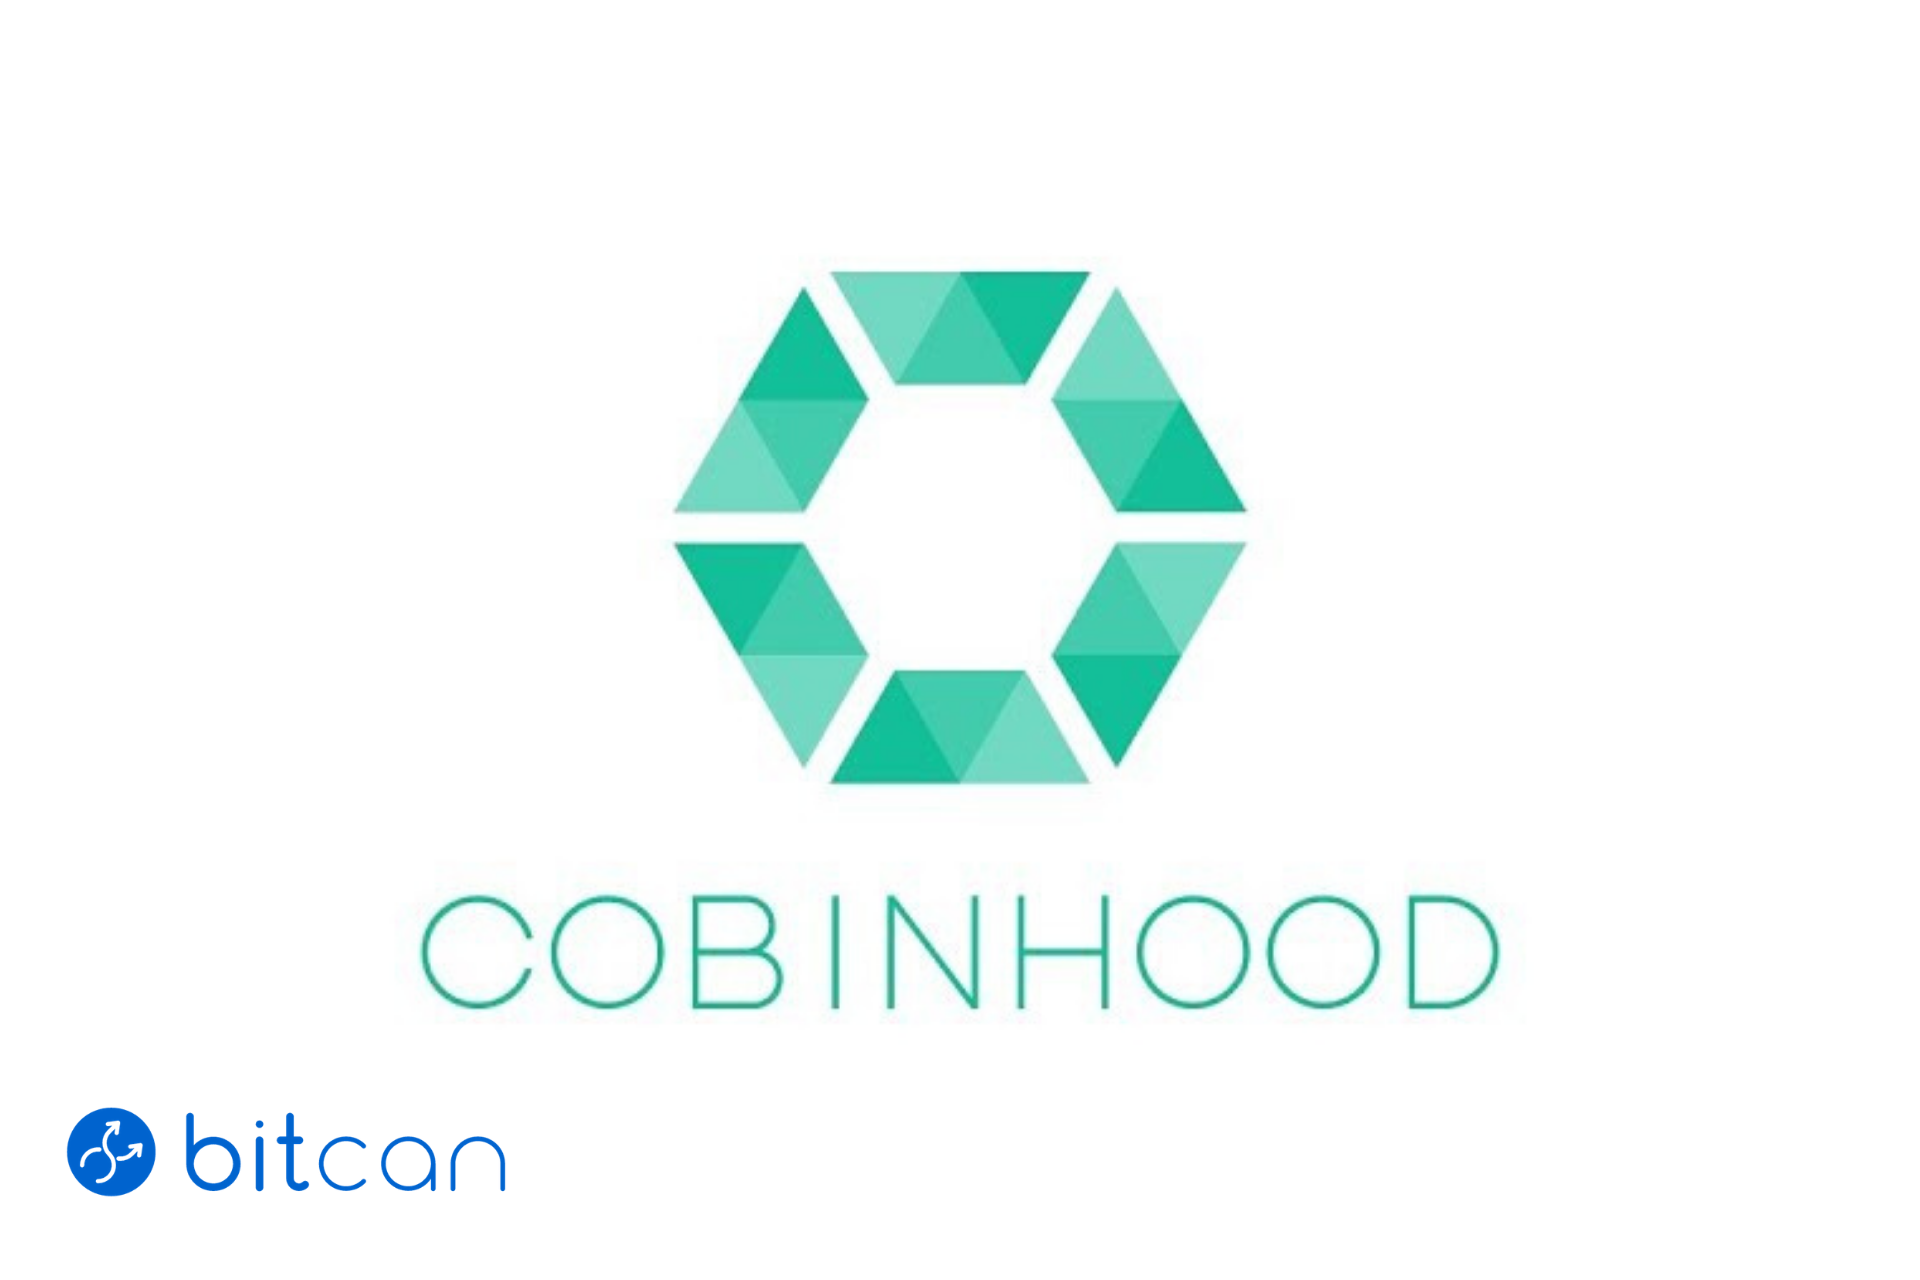 Jamie Foxx i jego coin. Aktor zainwestował i promował ICO platformy Cobinhood